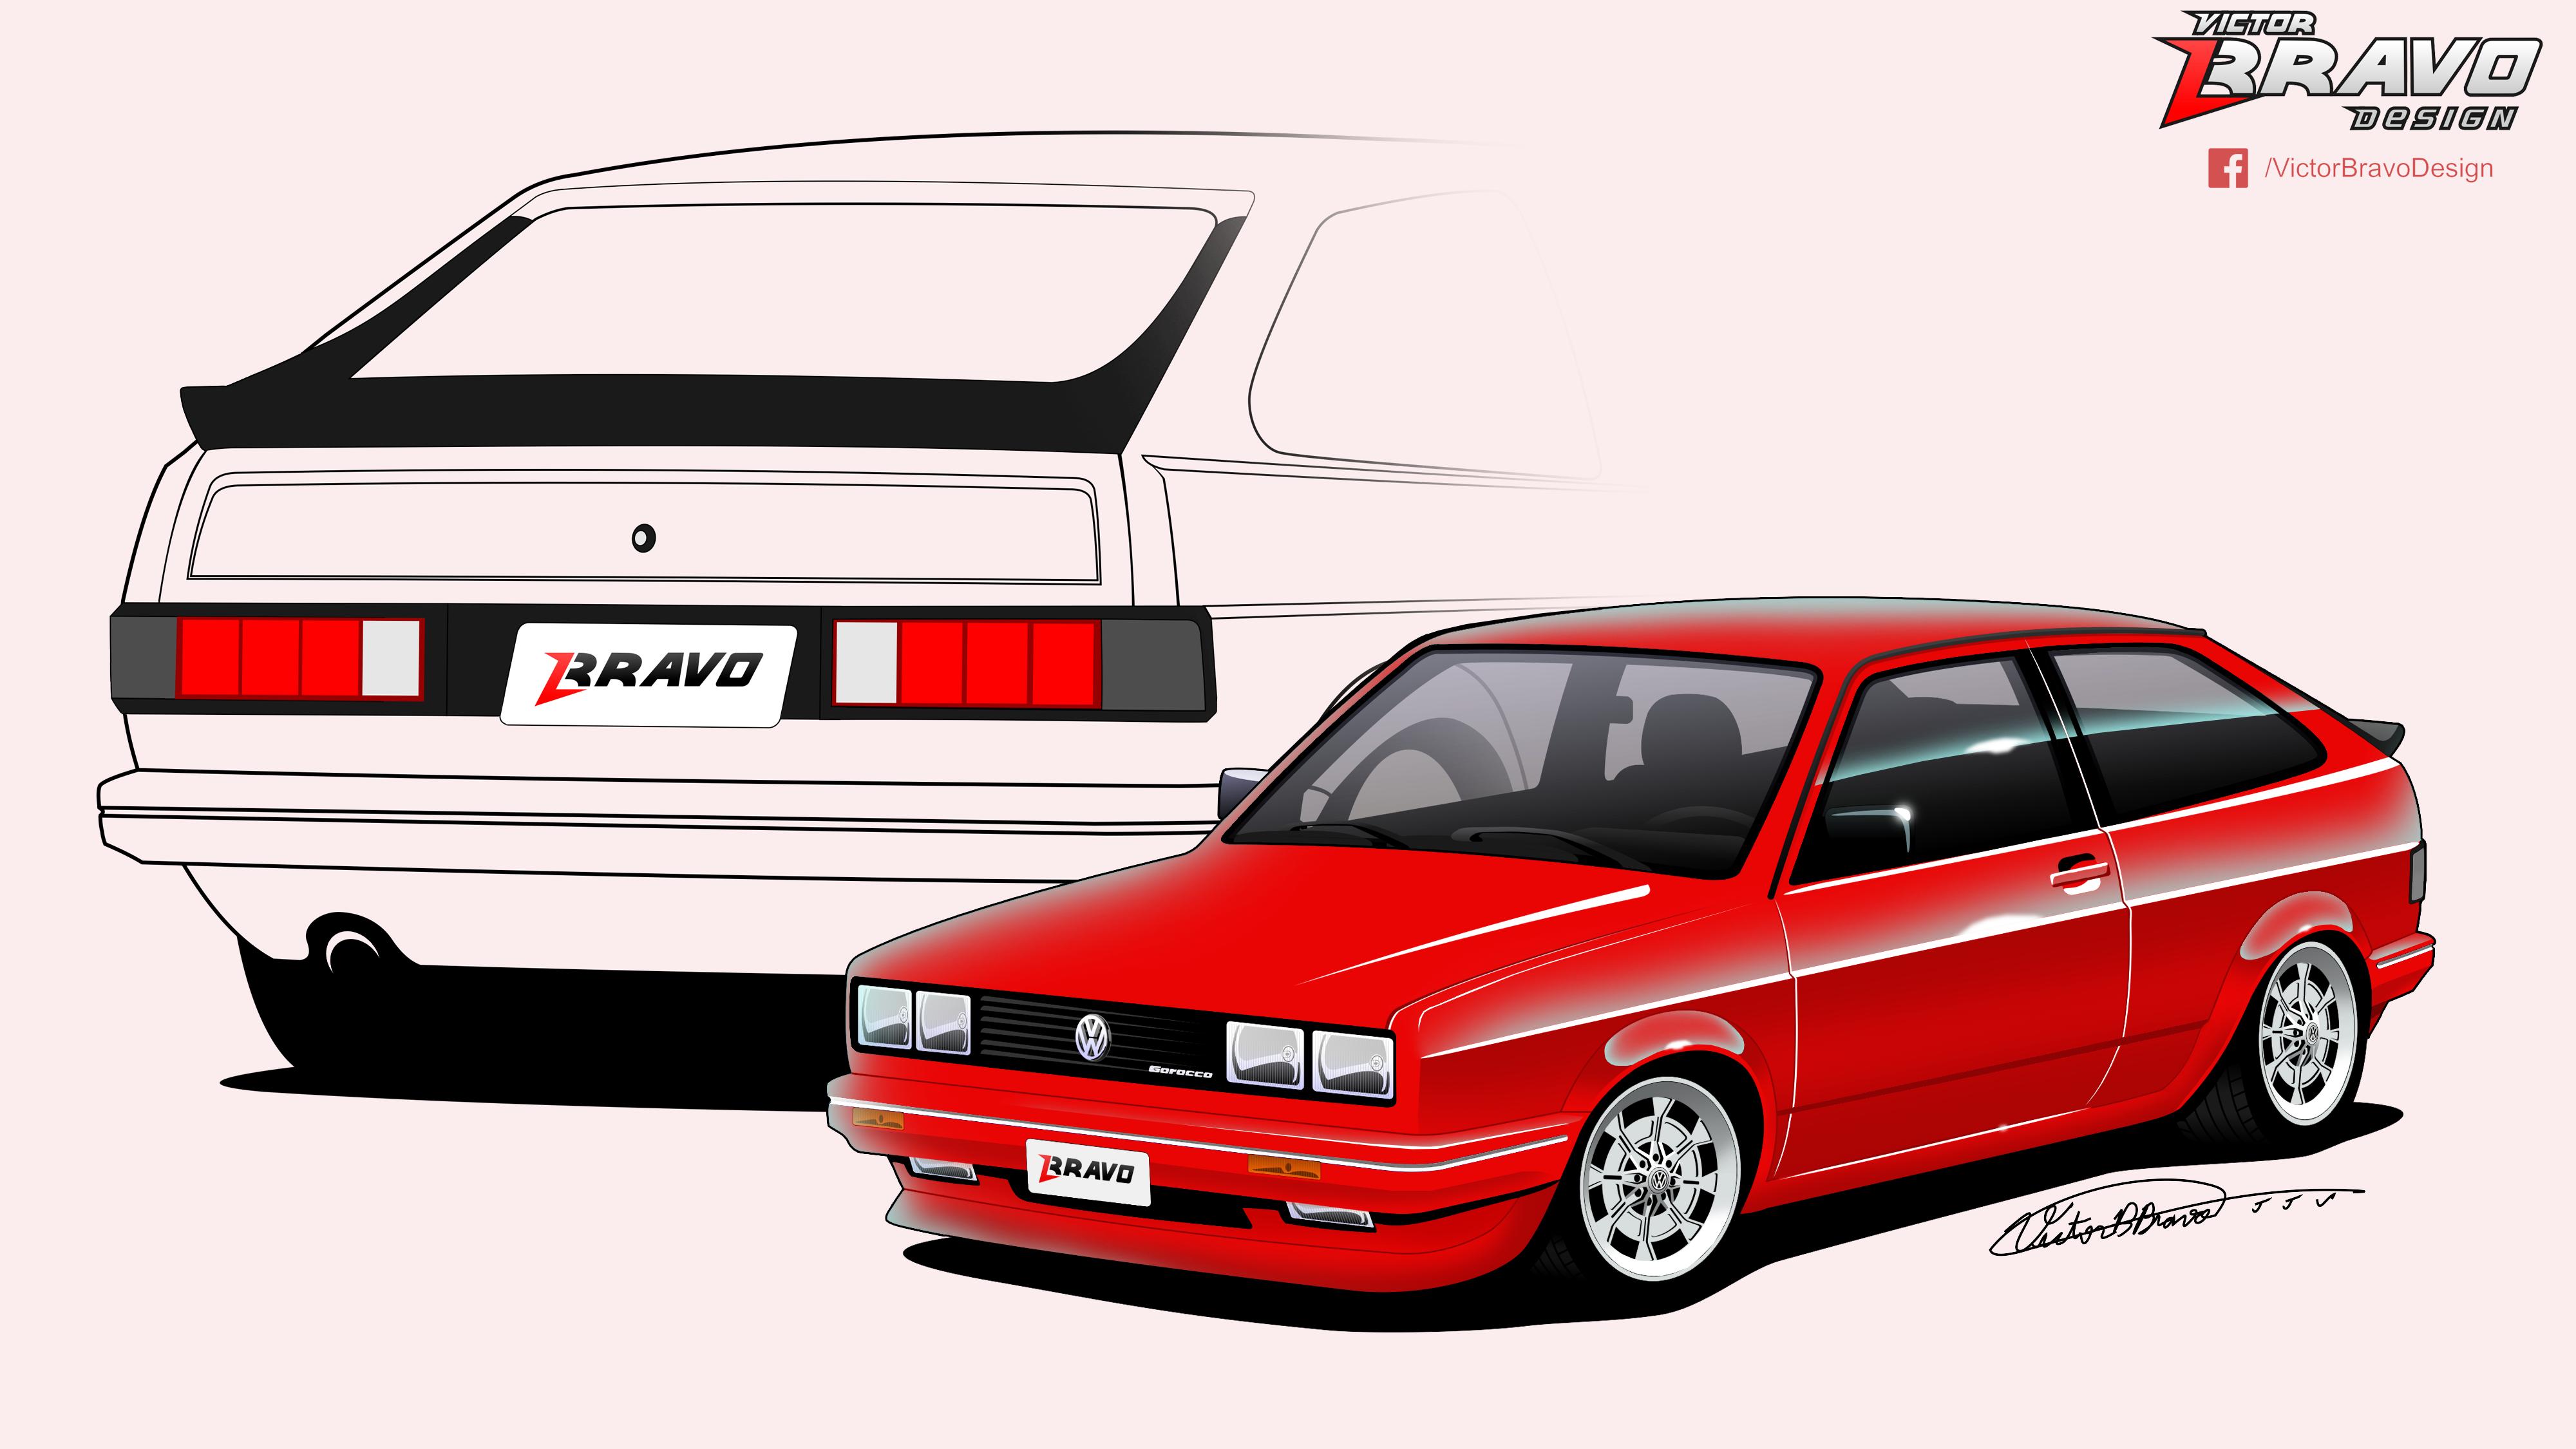 Drawing a Supercar - Desenhando um Carro esportivo - Sketch time lapse- rendering